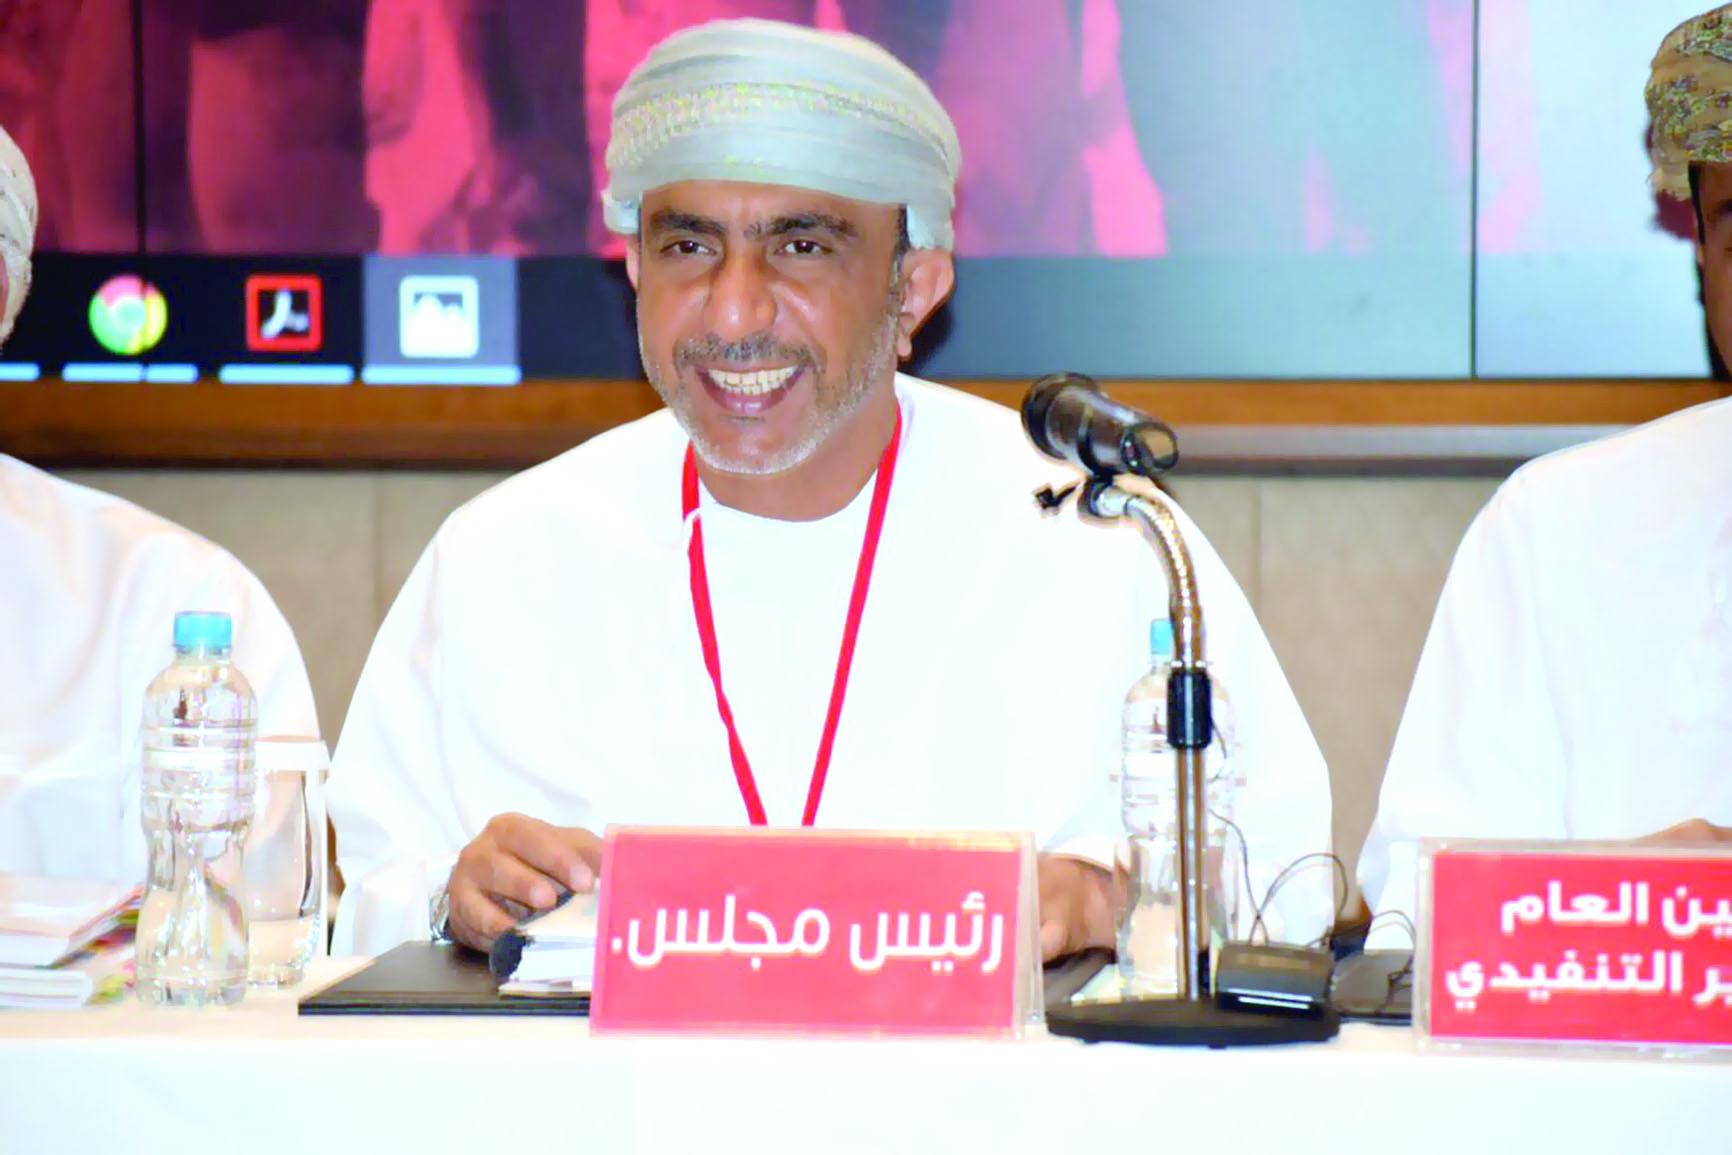 اتحاد الكرة يوقع اتفاقية رعاية دوري عمانتل